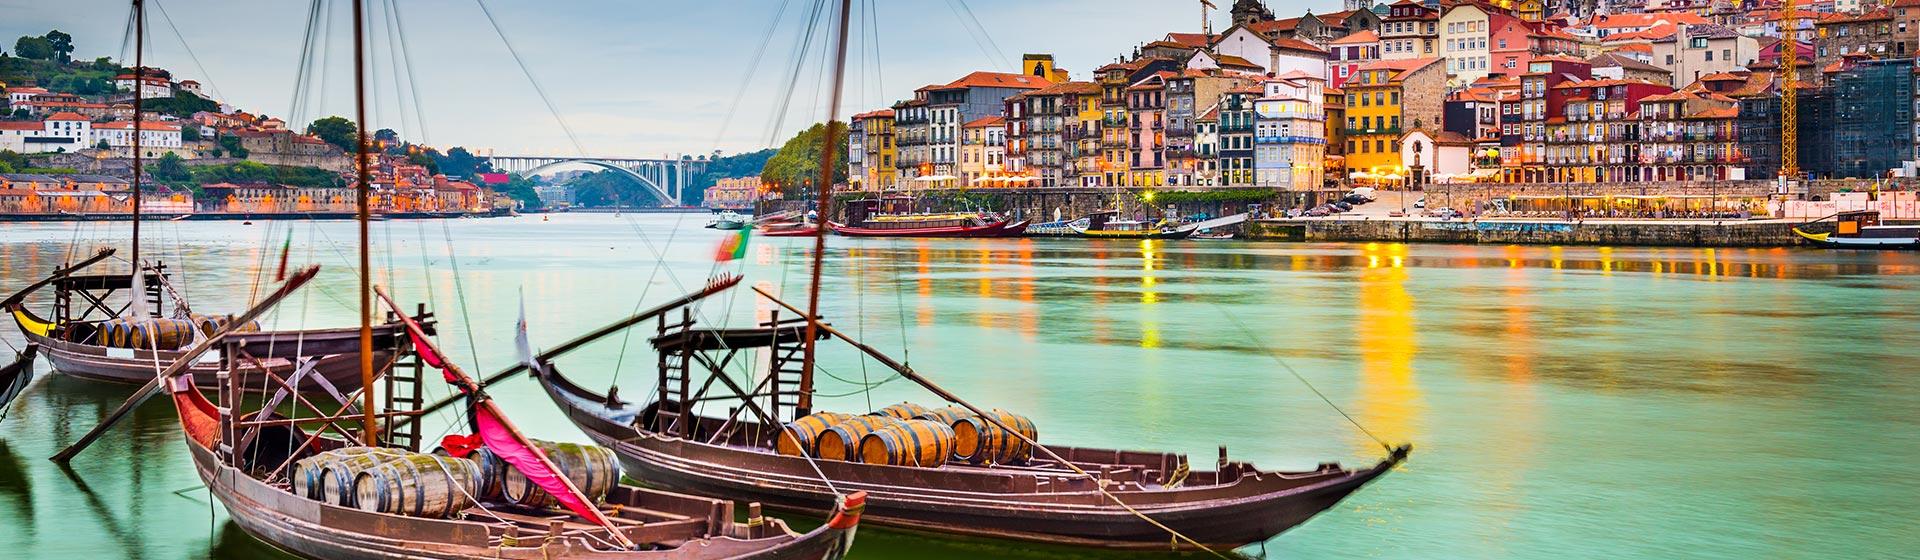 Ofertas de viajes a Portugal